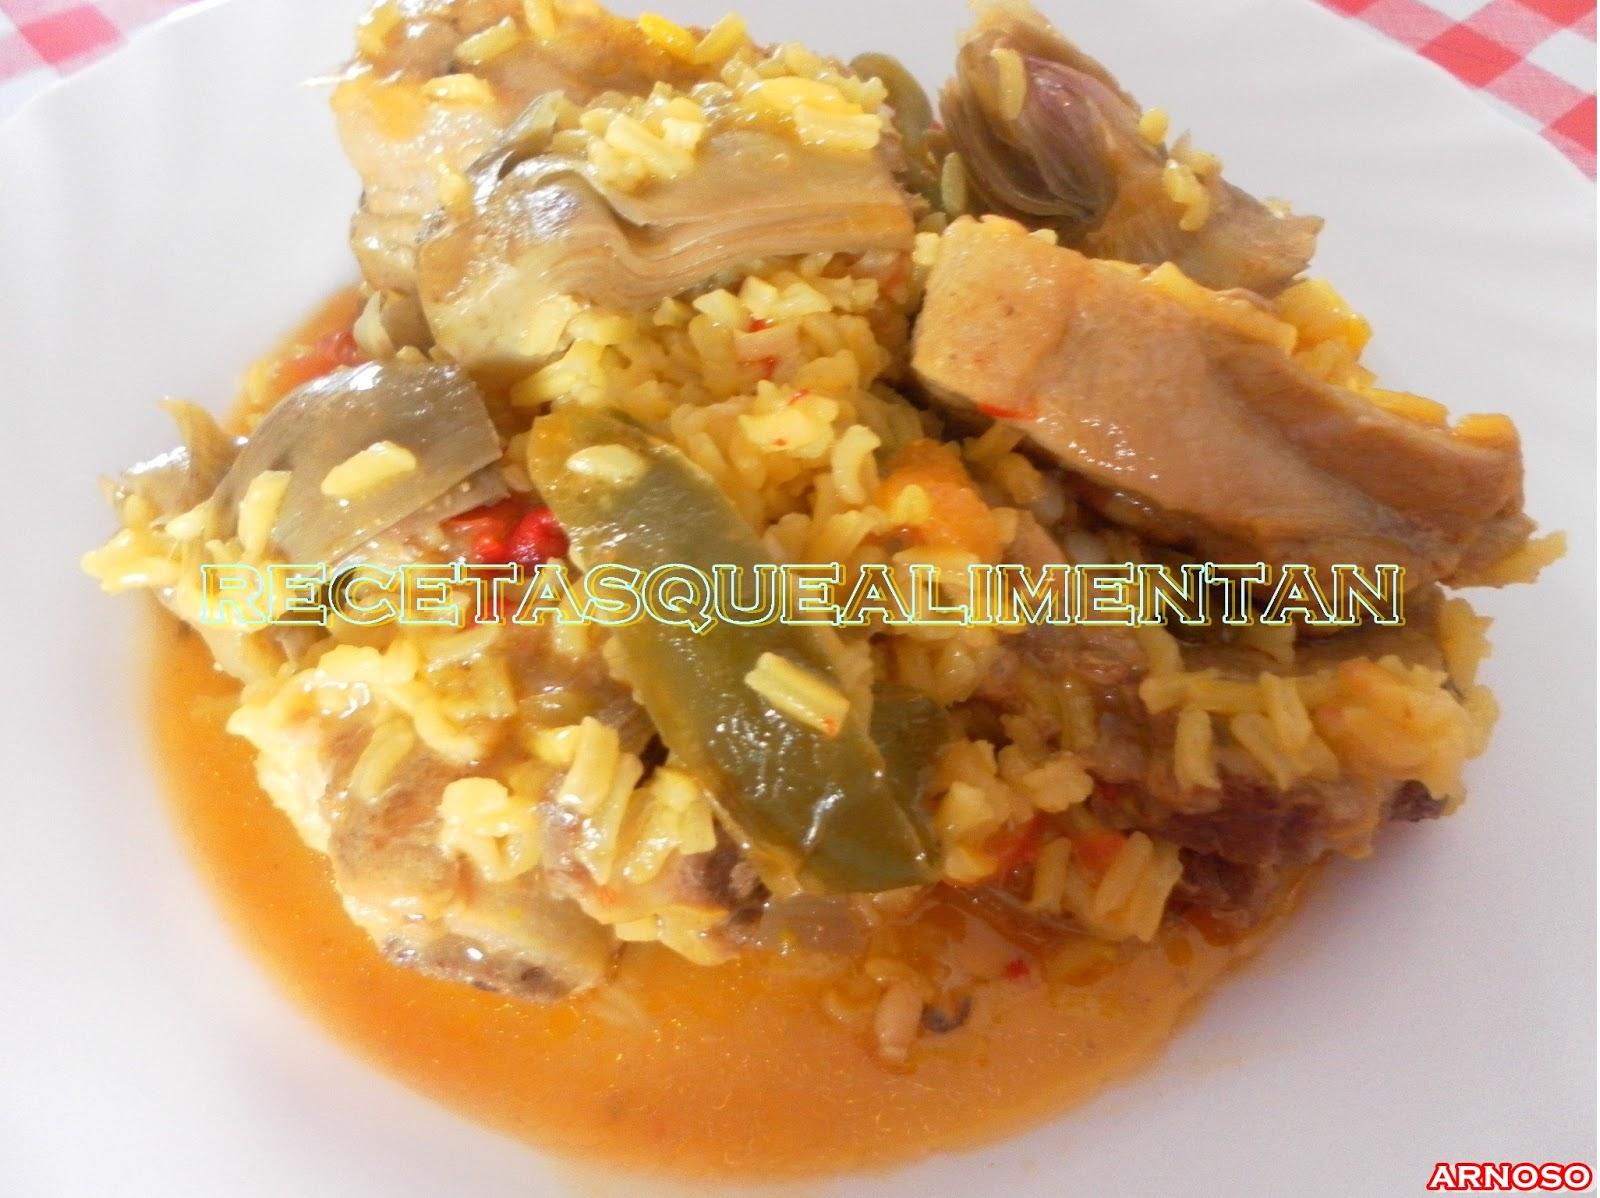 Recetas que alimentan gastronom a salud y consumo - Arroz caldoso con costillas y alcachofas ...